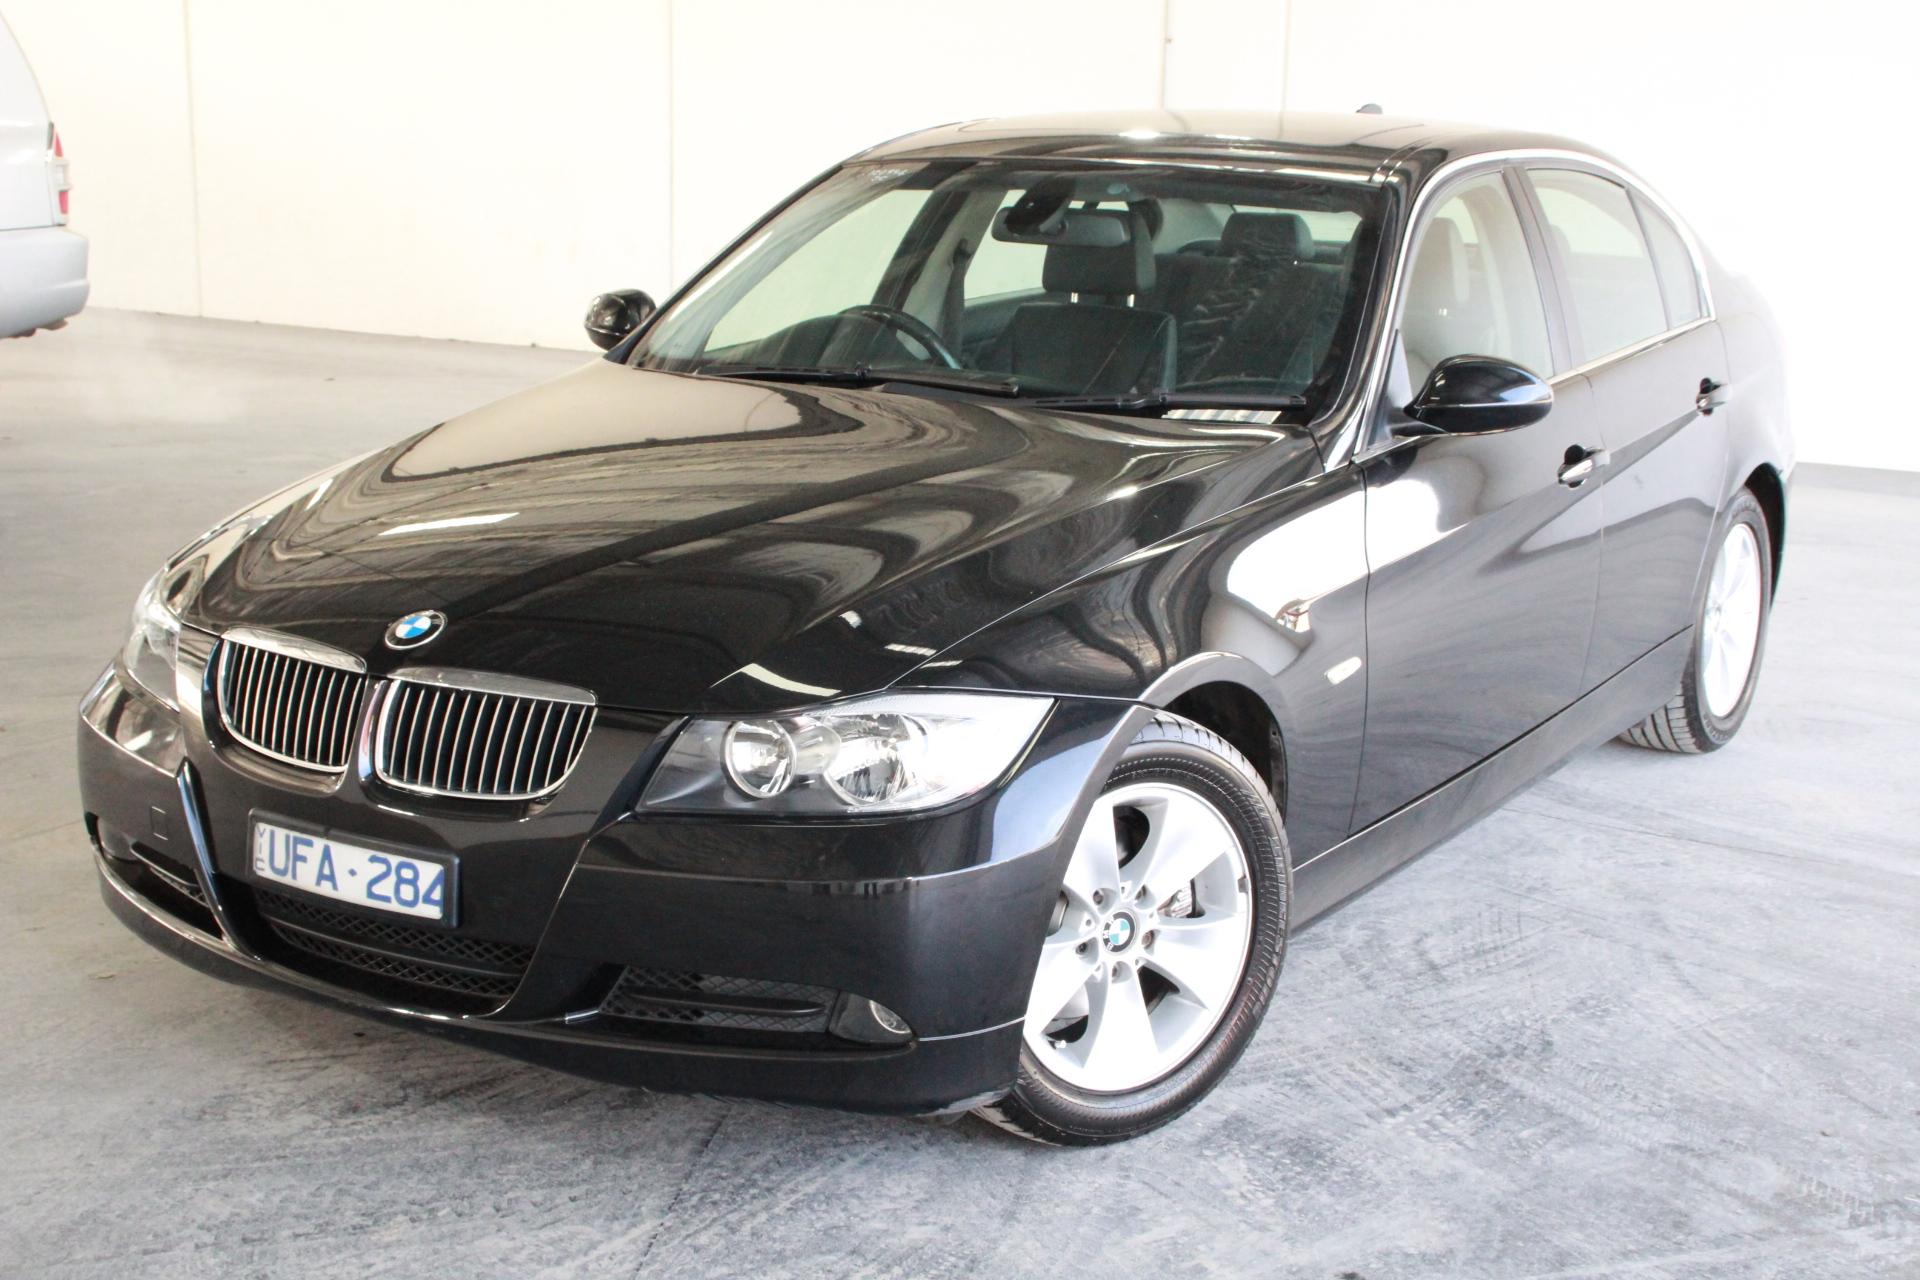 2006 BMW 3 23i E90 Automatic Sedan